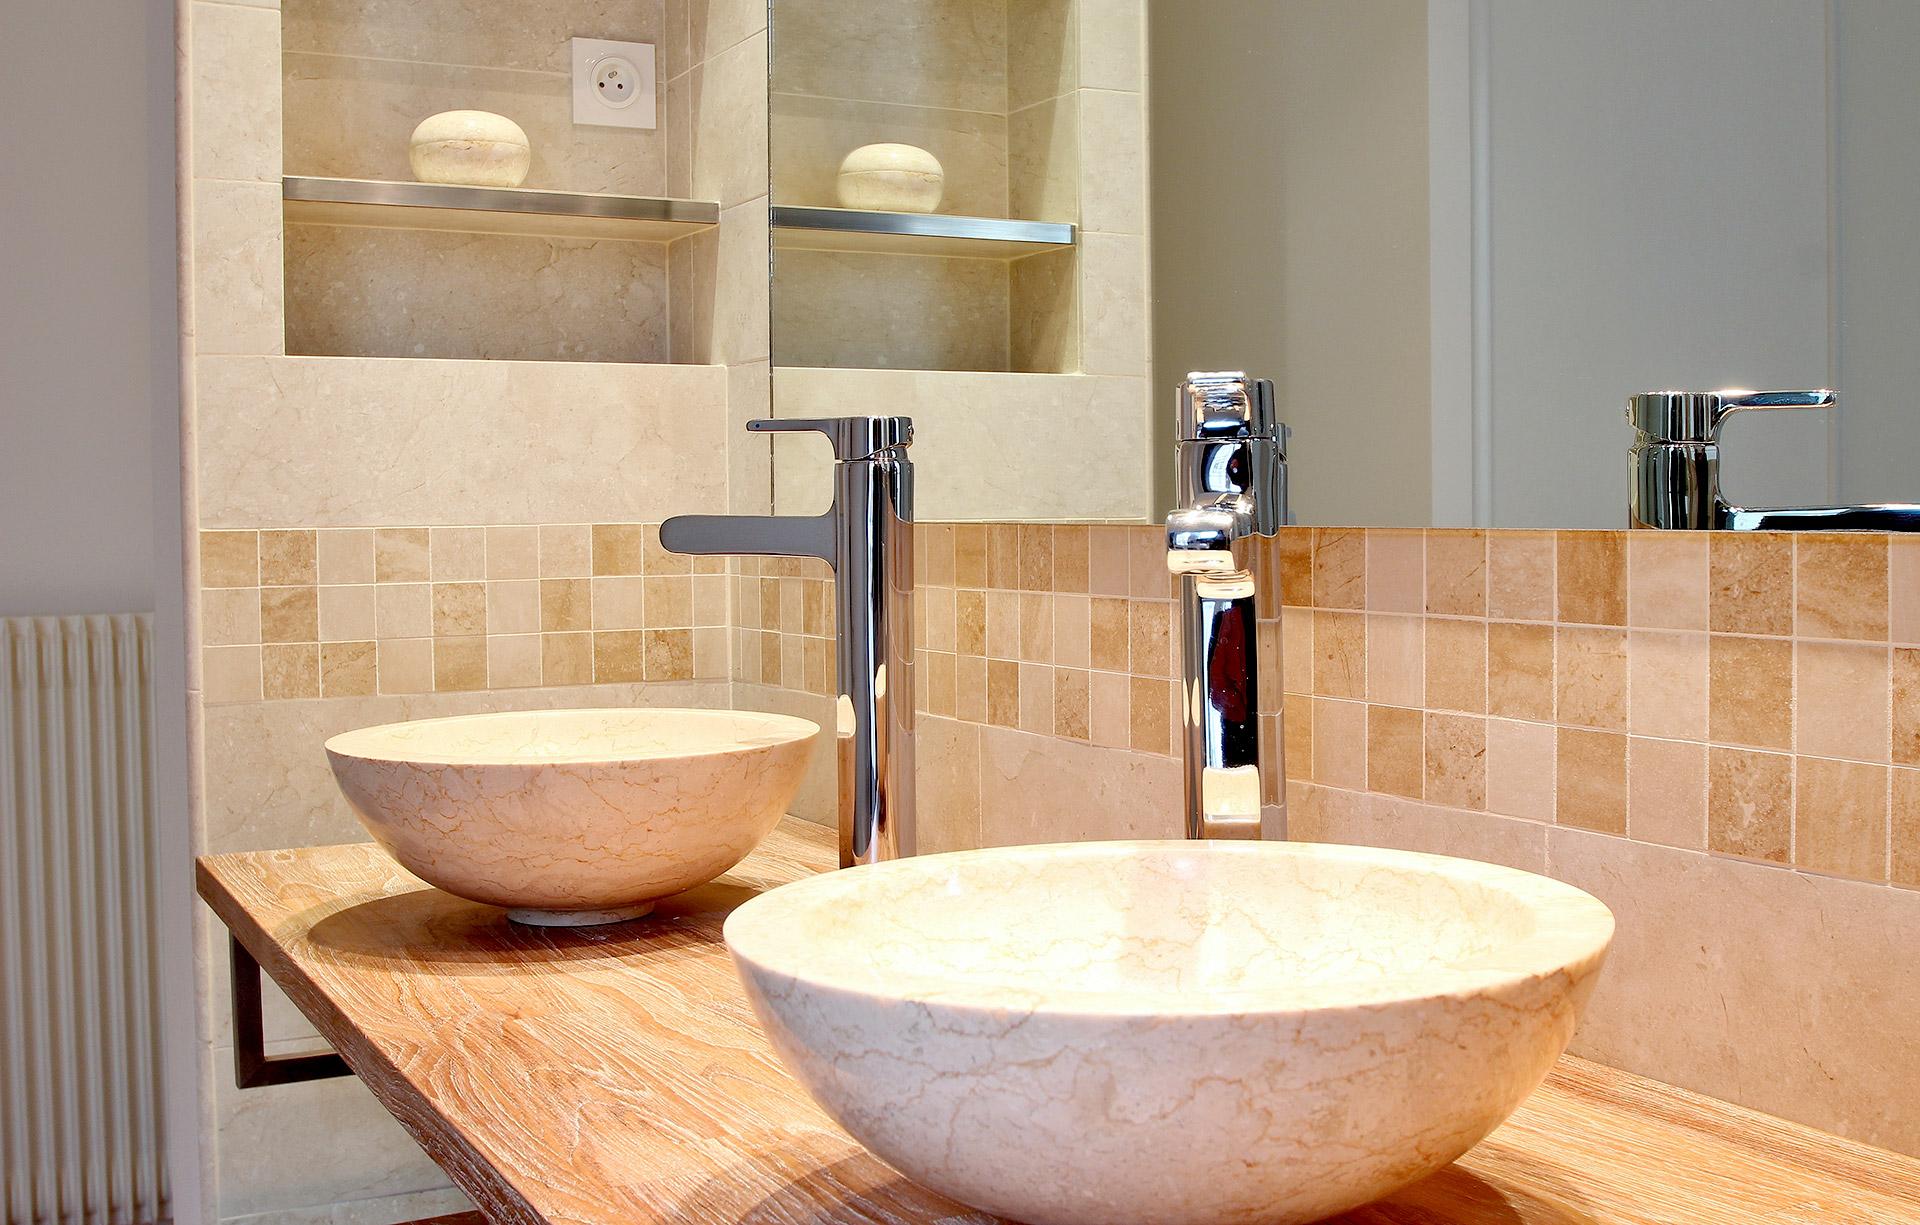 vasque en gres ... gres cerame agence avous salle de bain ouverte sur chambre vasque a  poser agence avous ...